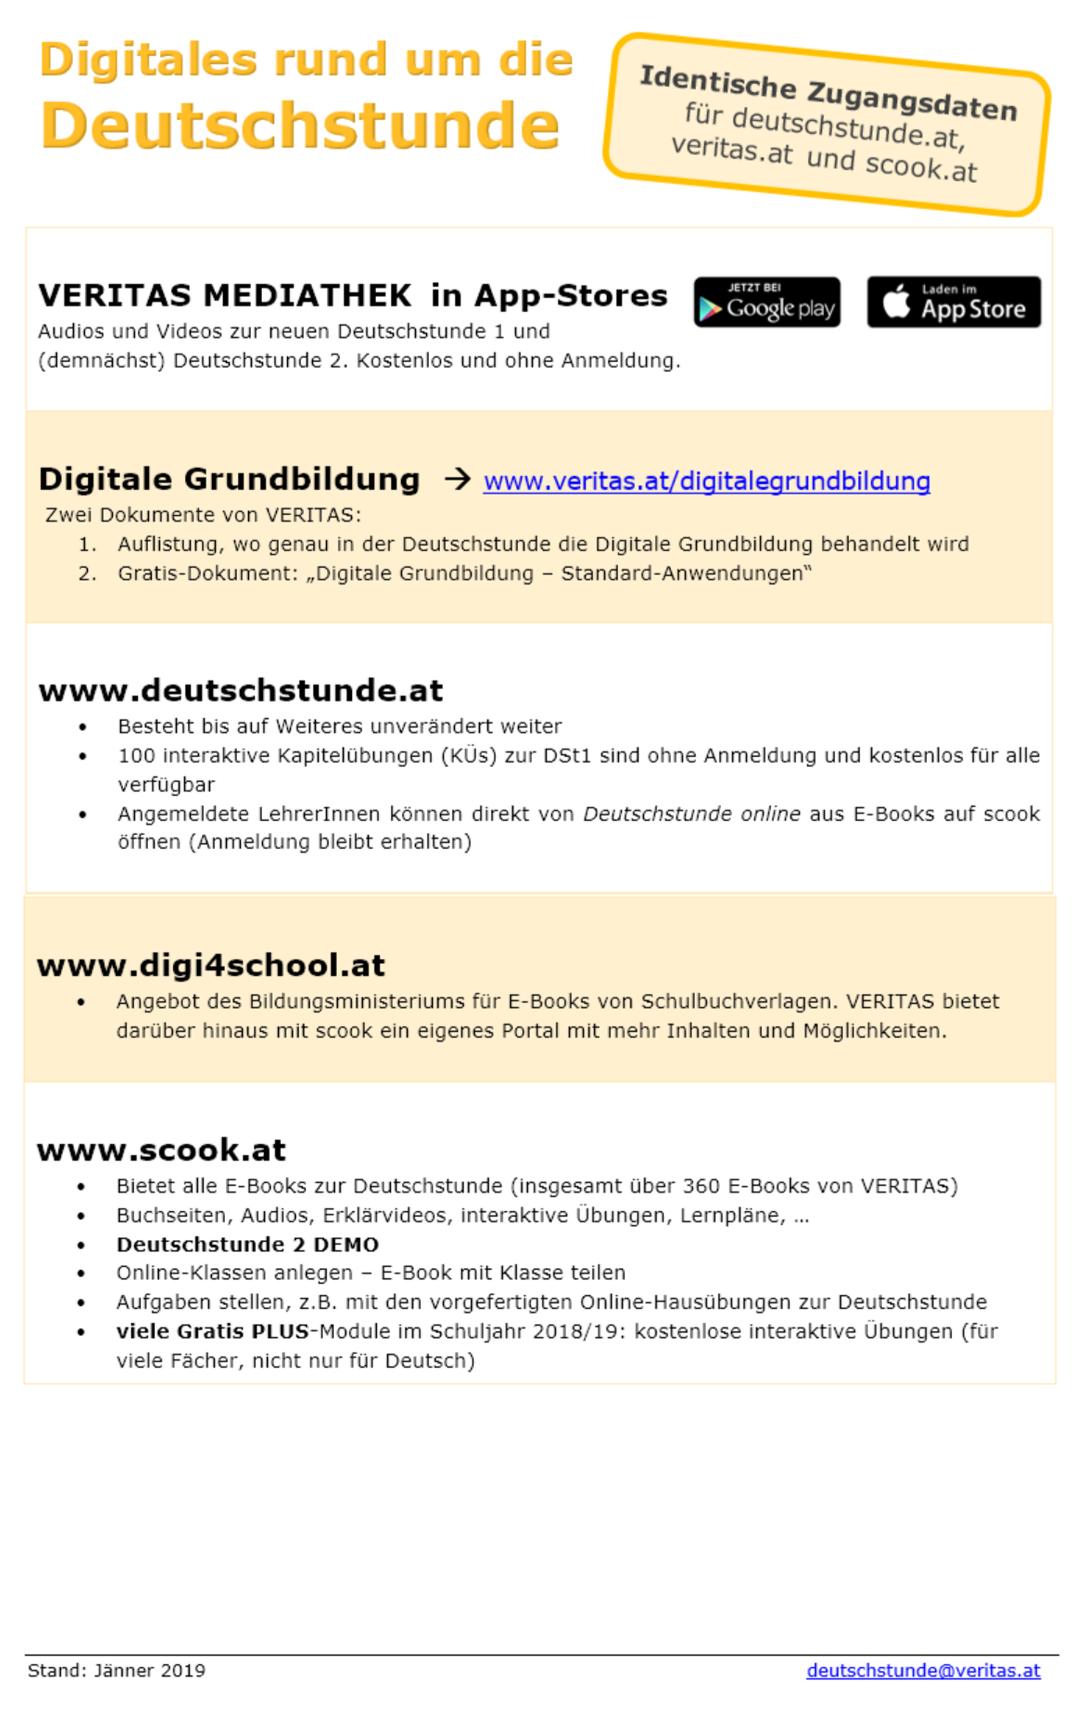 Zusammenfassung_Digitales_rund_um_die_Deutschstunde